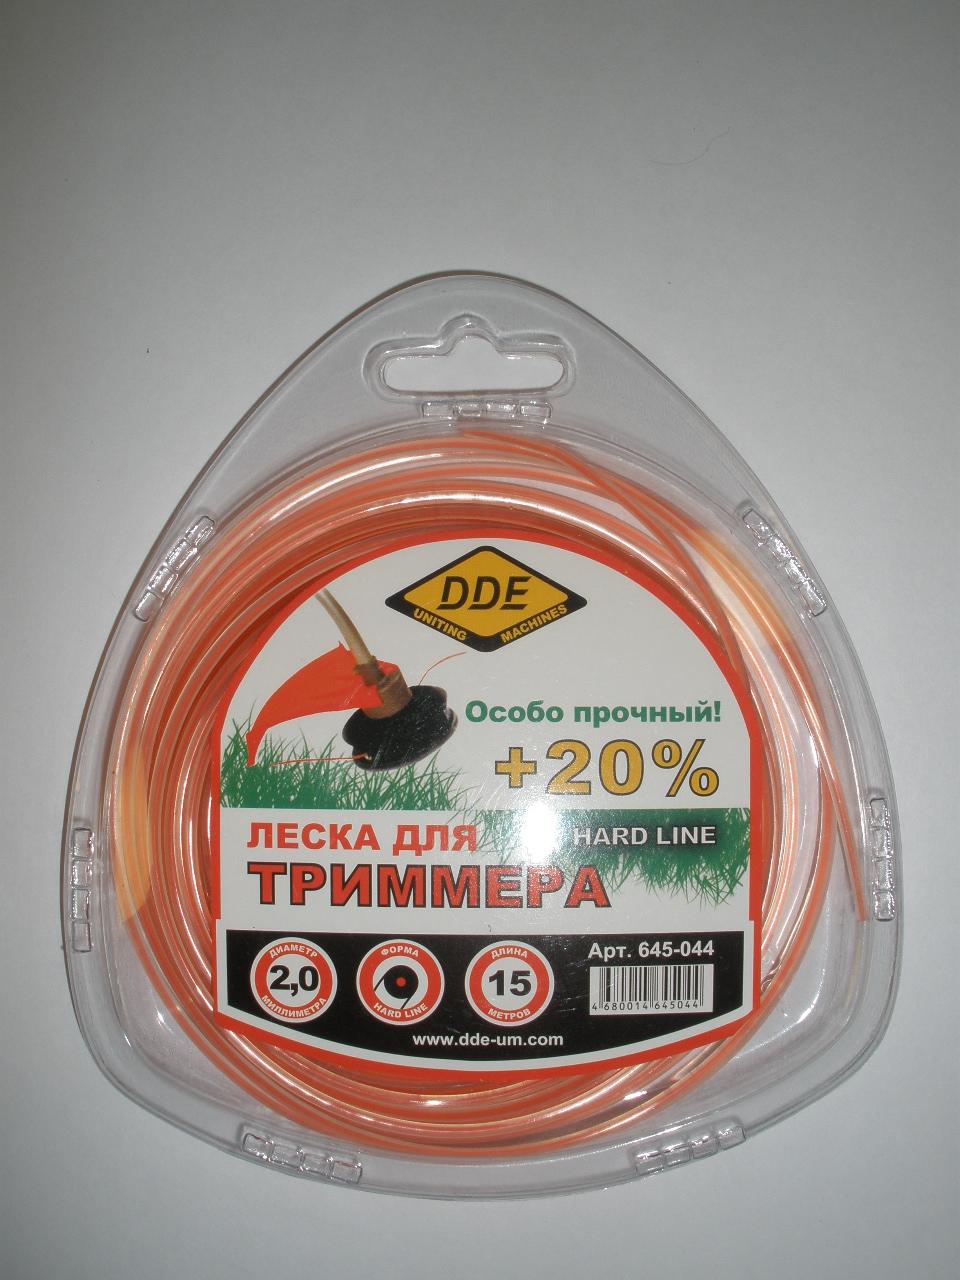 Леска (корд) 2,0 мм х 15 м, Hard line, армированная, сечение-круг, цвет-серый/красный, DDE